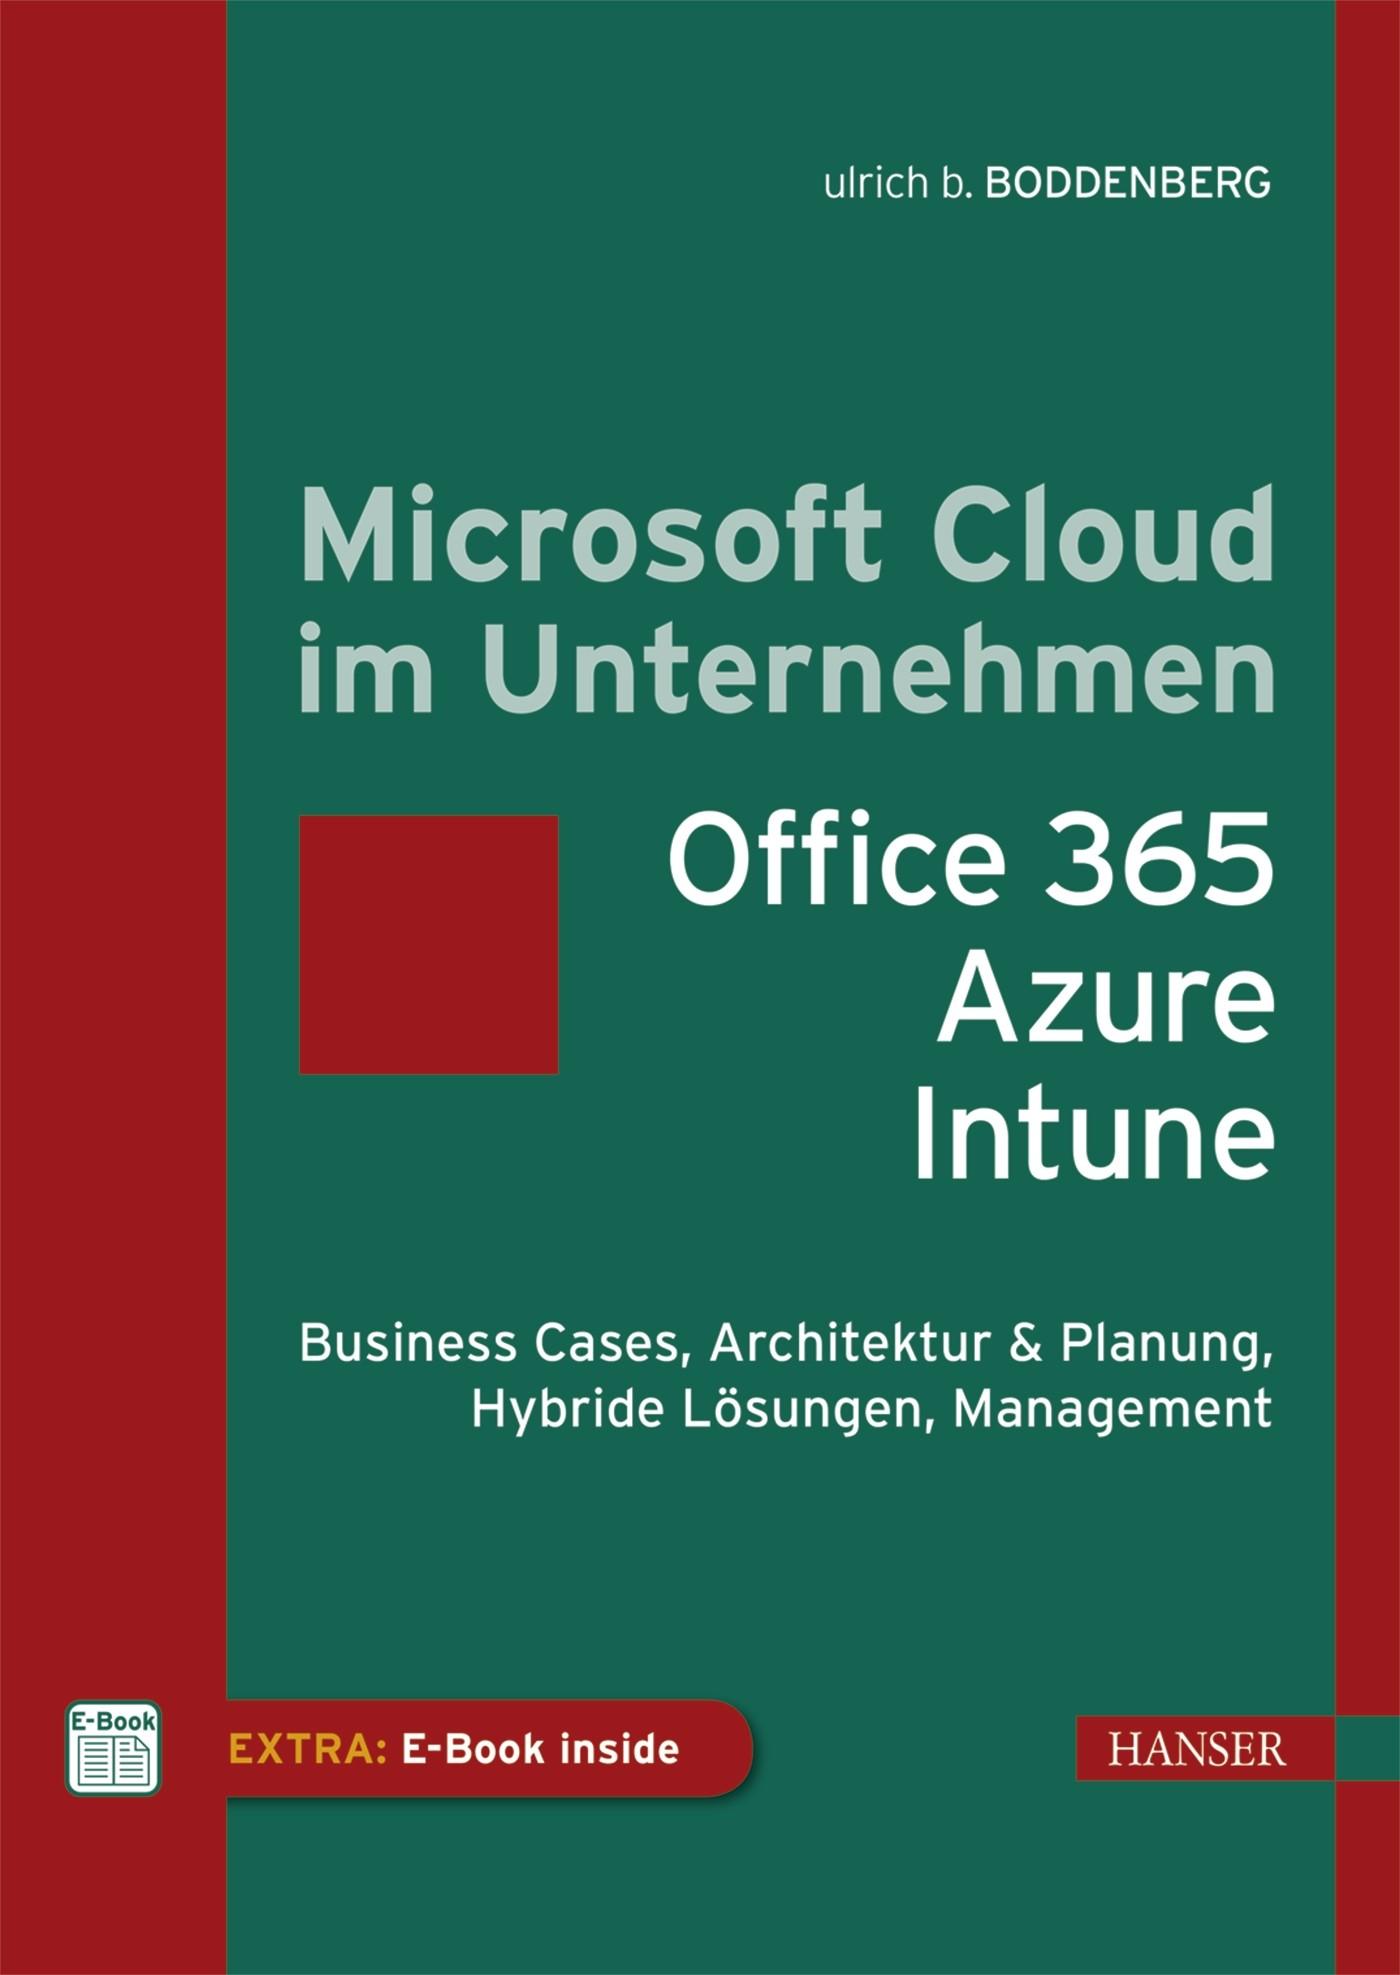 Microsoft Cloud im Unternehmen: Office 365, Azure, Power BI, Intune   Boddenberg, 2020   Buch (Cover)